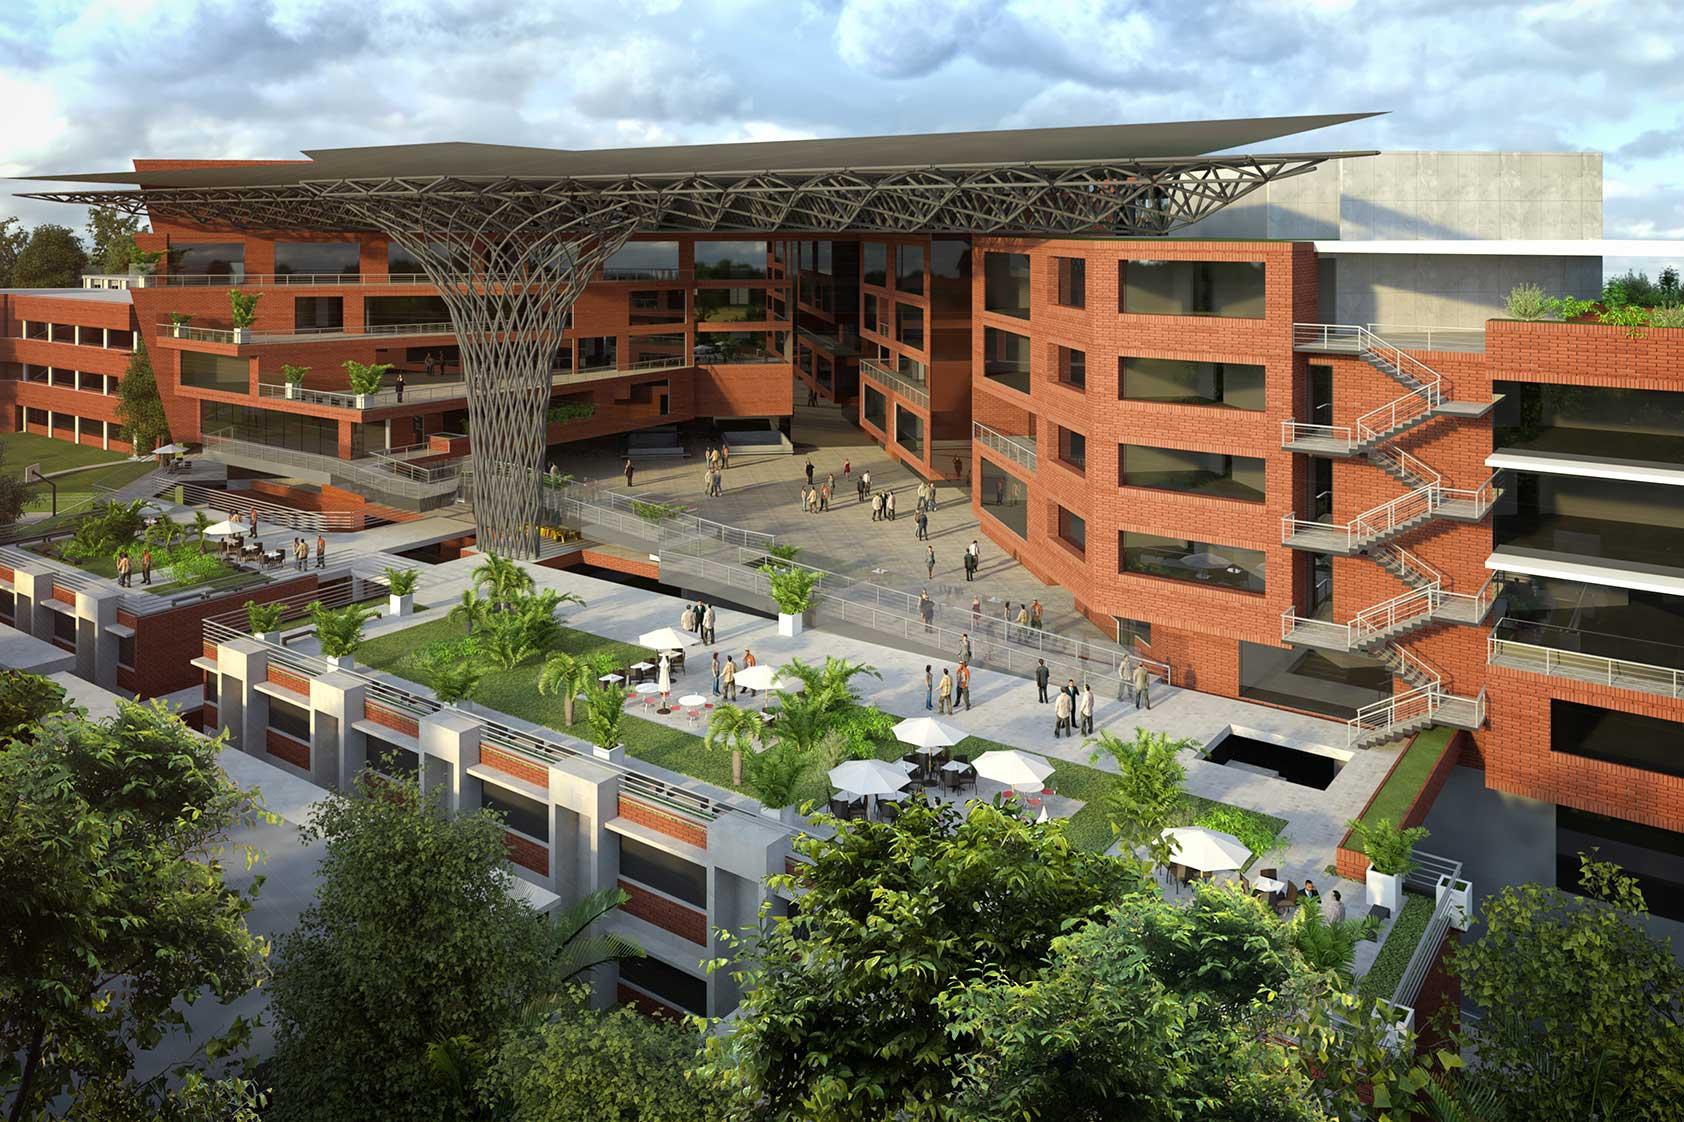 Centro de Innovación y Tecnología - CIT